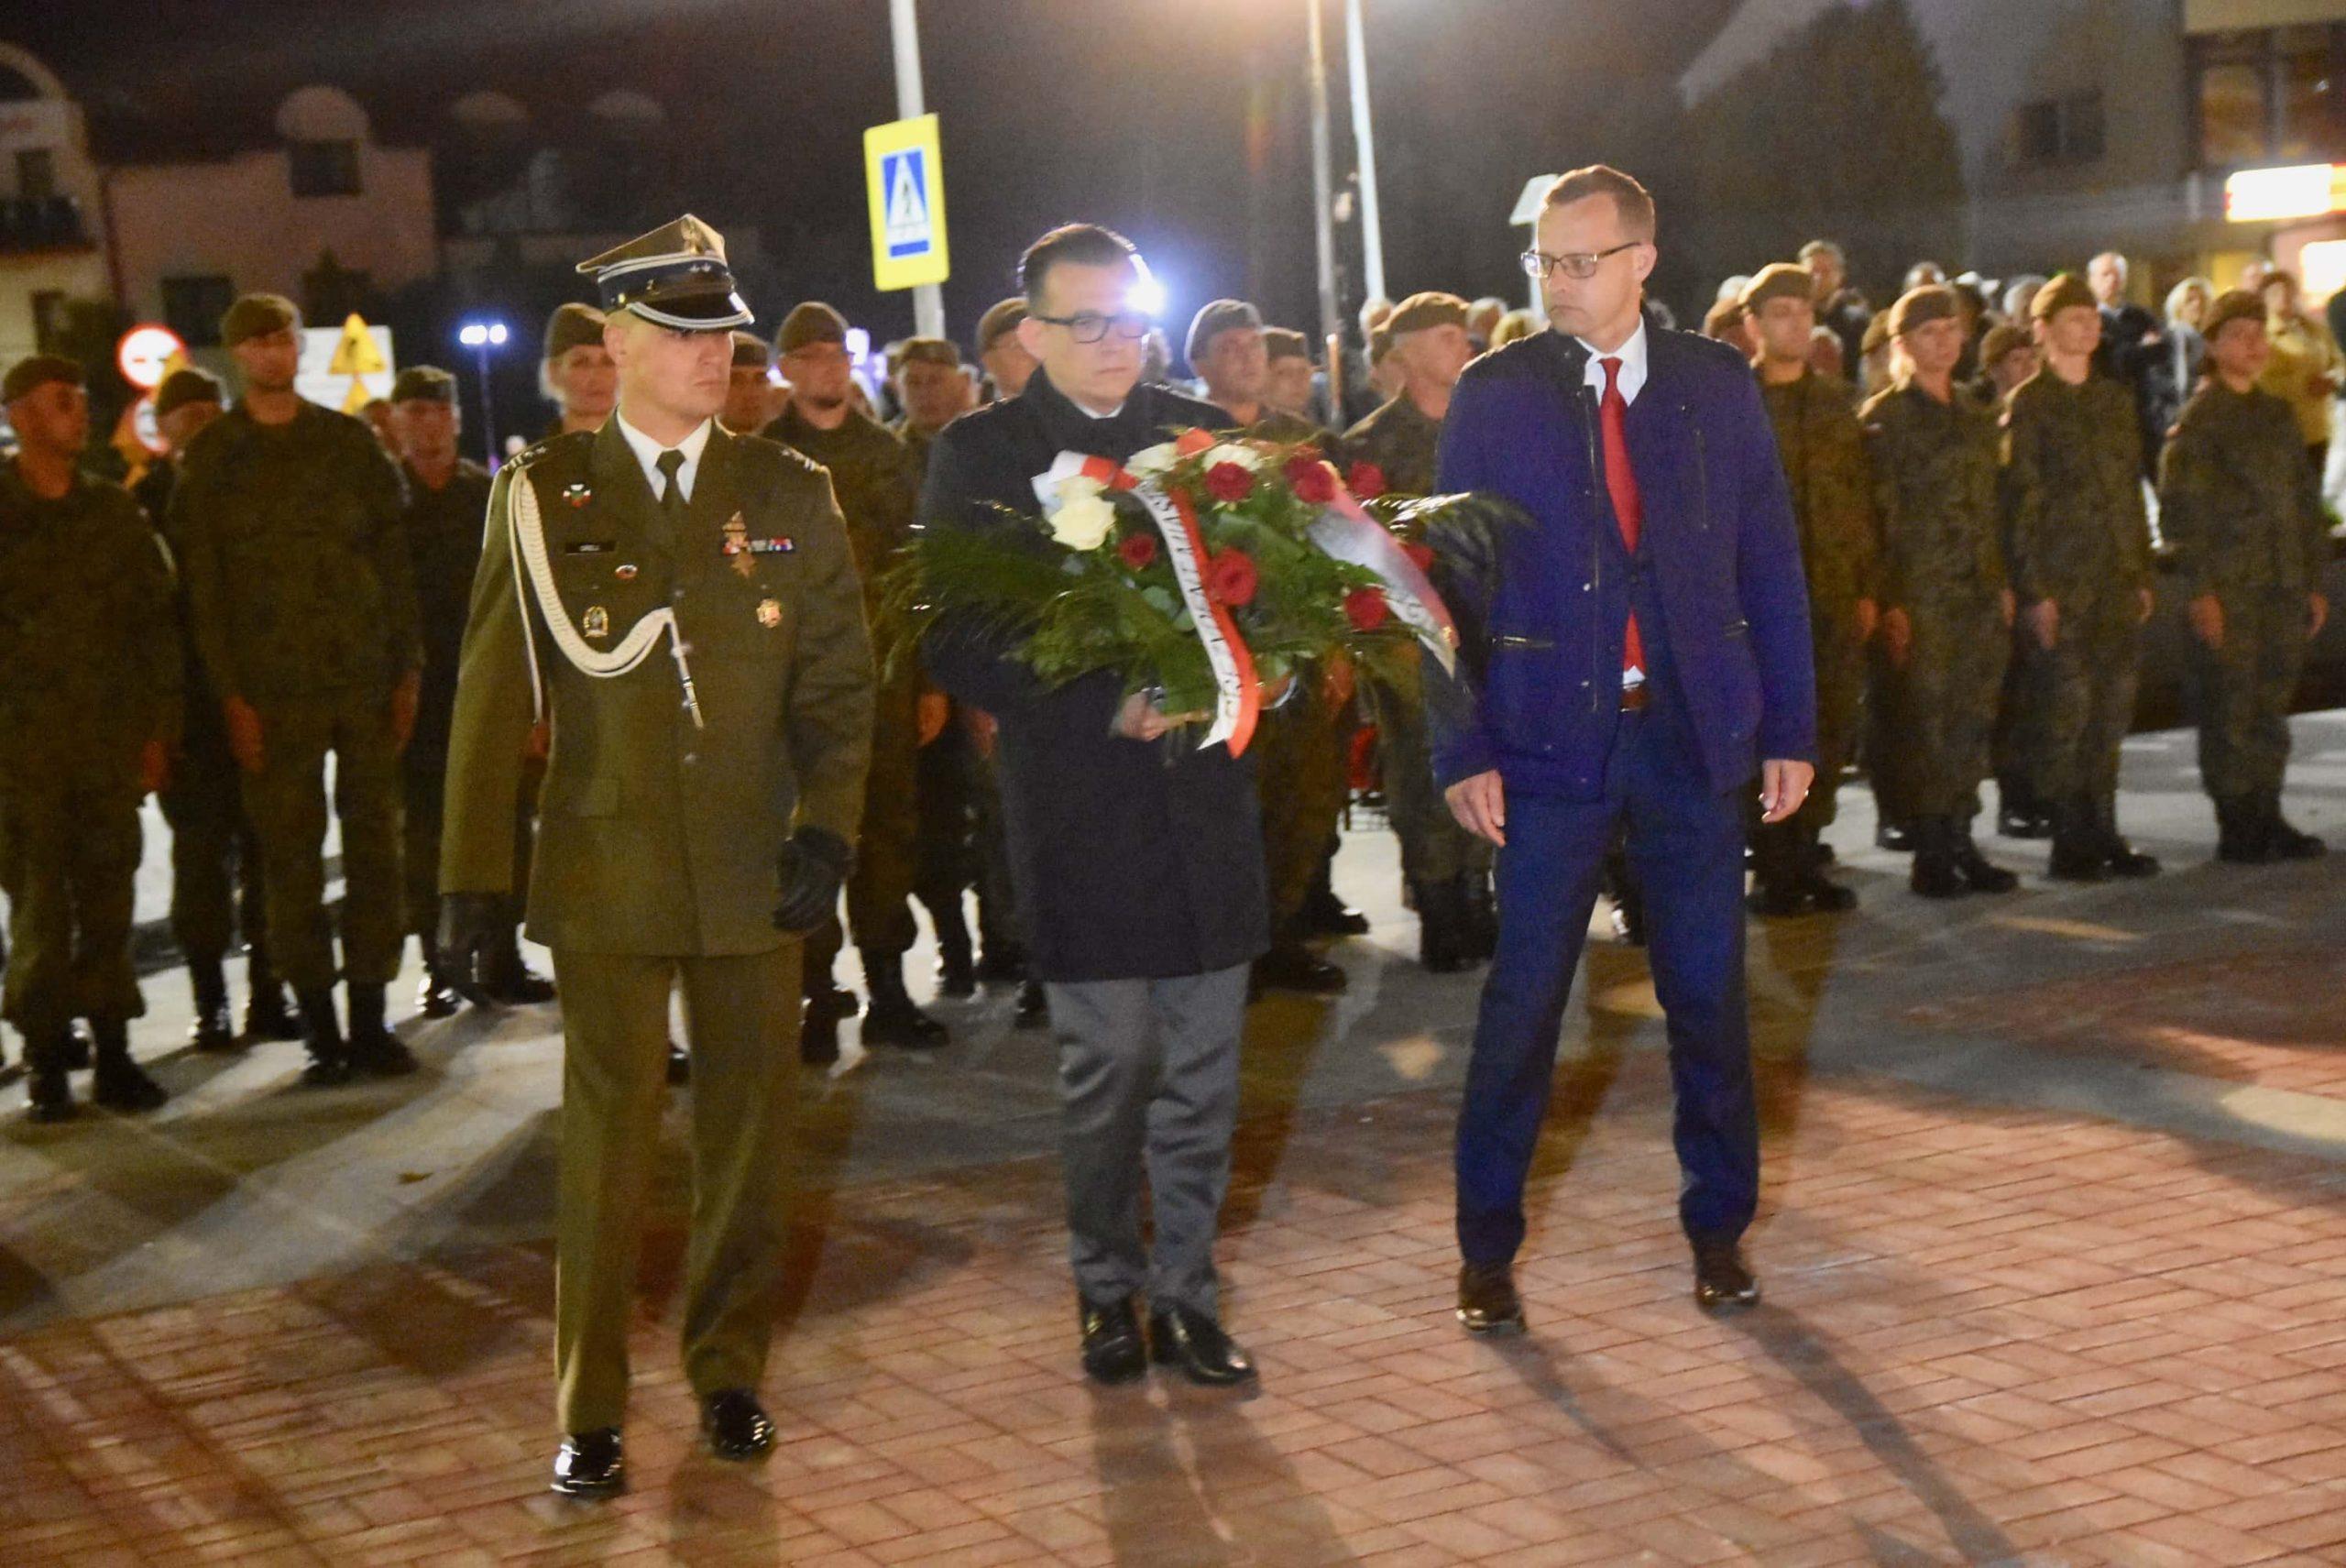 dsc 7742 scaled 80. rocznica agresji sowieckiej na Polskę - uroczystości w Zamościu